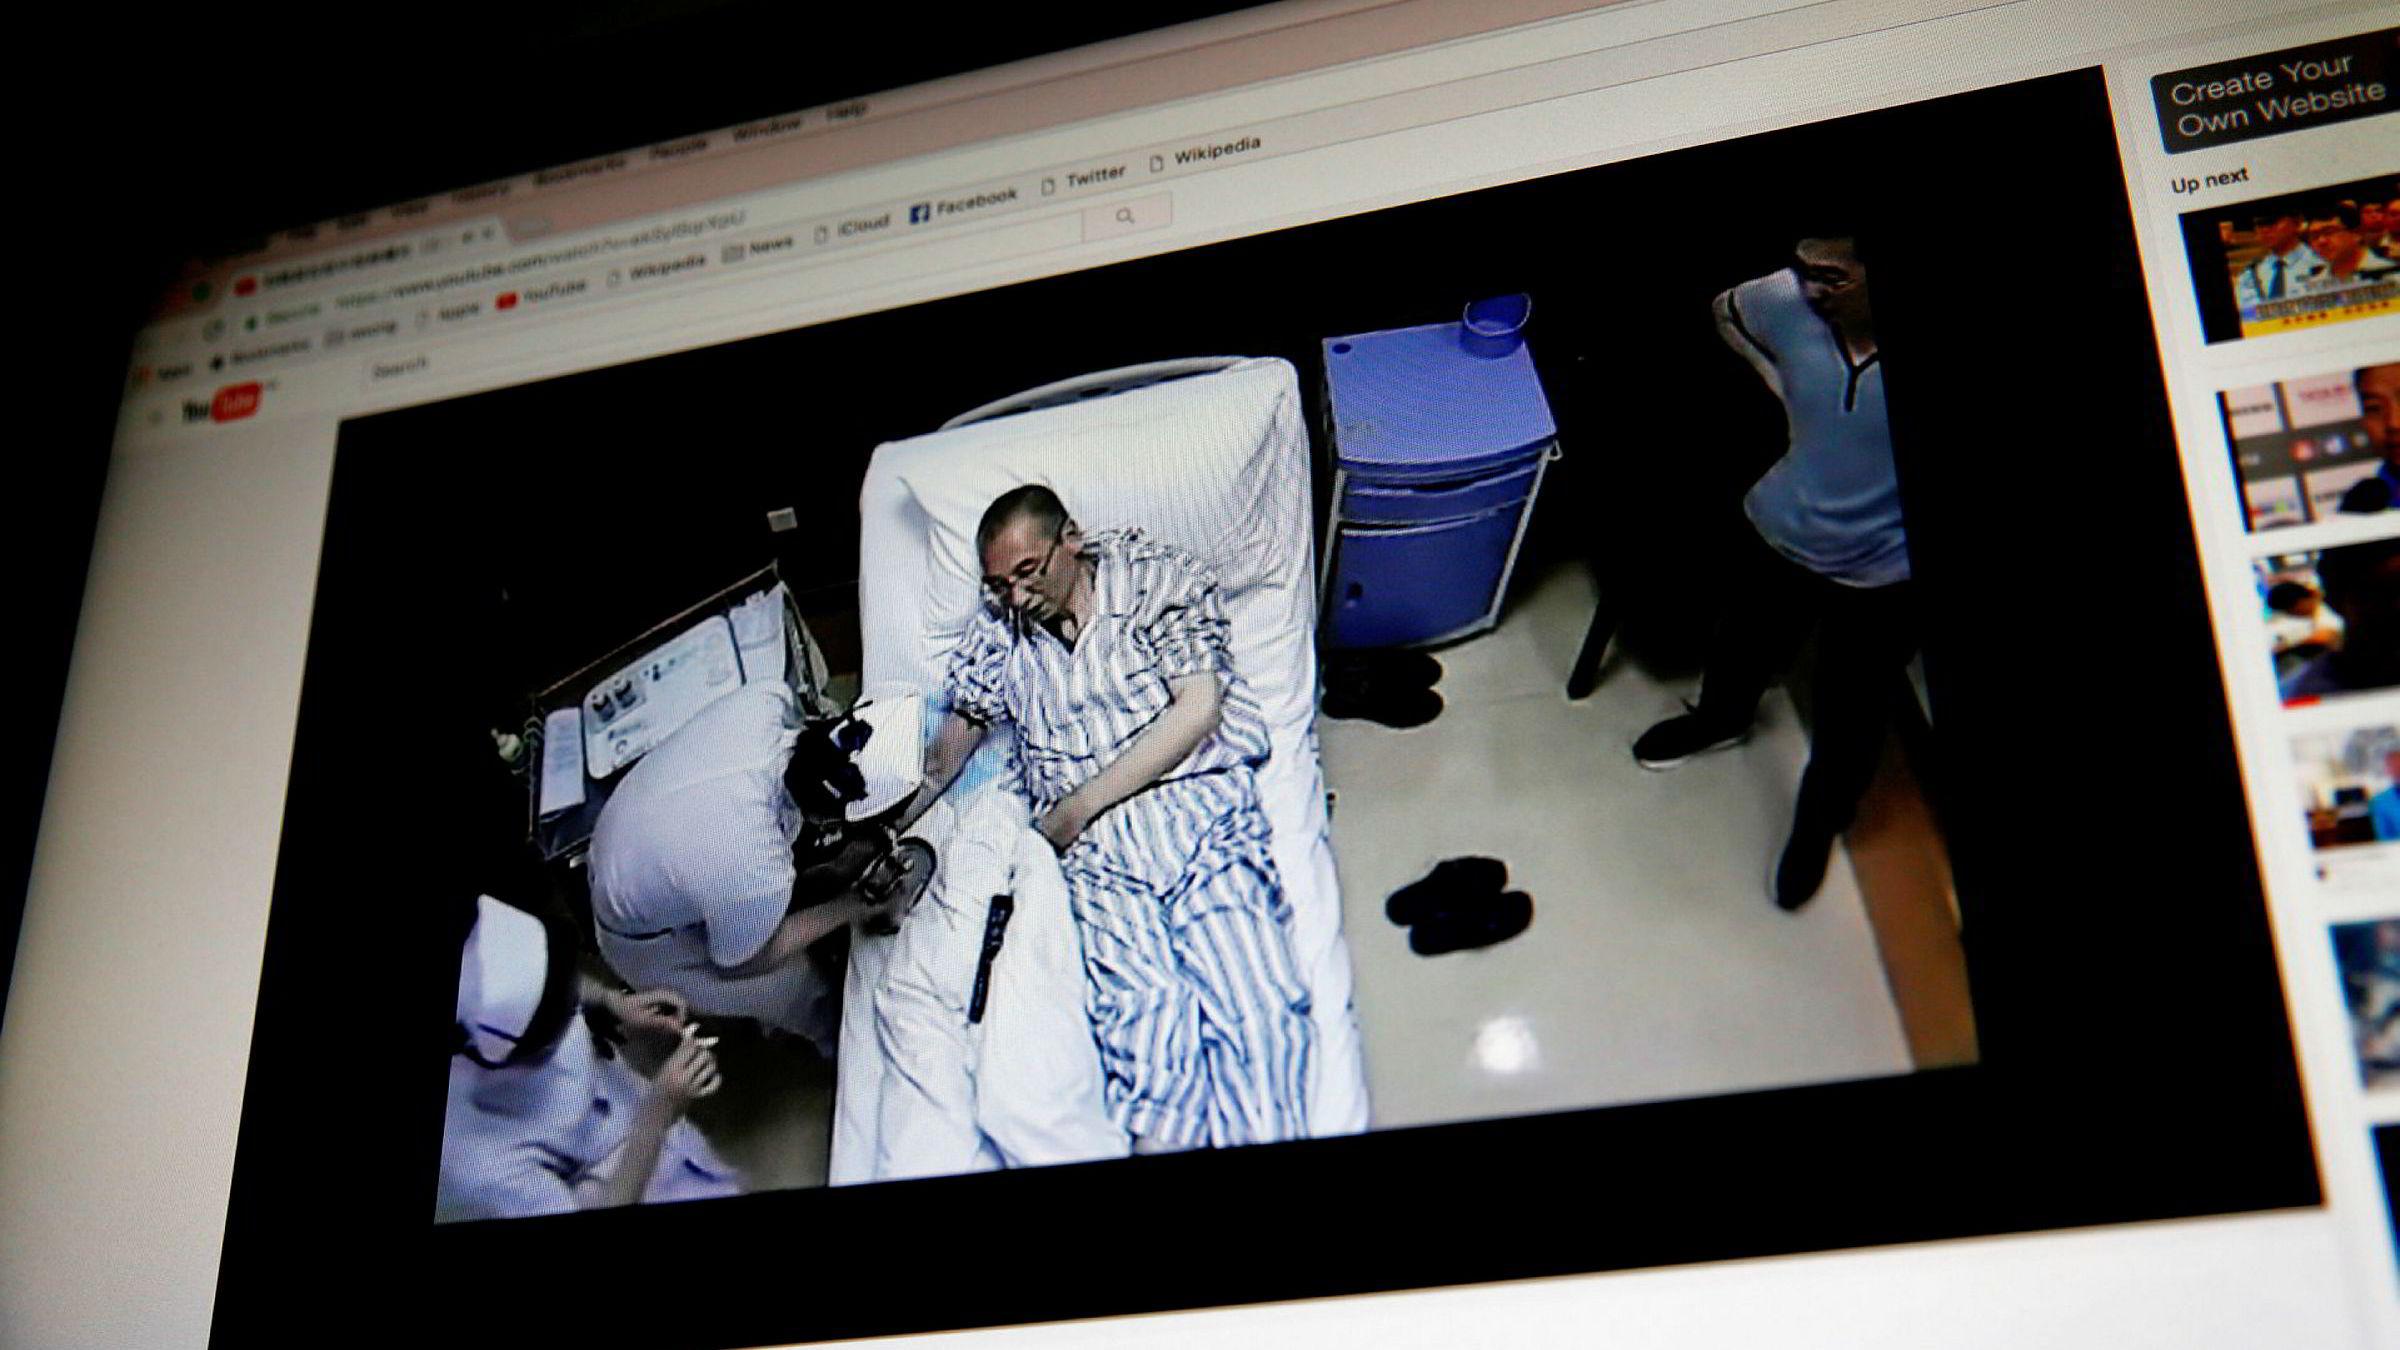 En video som skal vise Liu Xiaobo mens han mottar medisinsk behandling, er blitt spredt via Youtube denne uken. Videoens opprinnelse er ikke kjent. Heller ikke omstendighetene rundt filmingen. En kilde nær Liu og hans kone karakteriserer videoen som propaganda, ifølge Reuters.